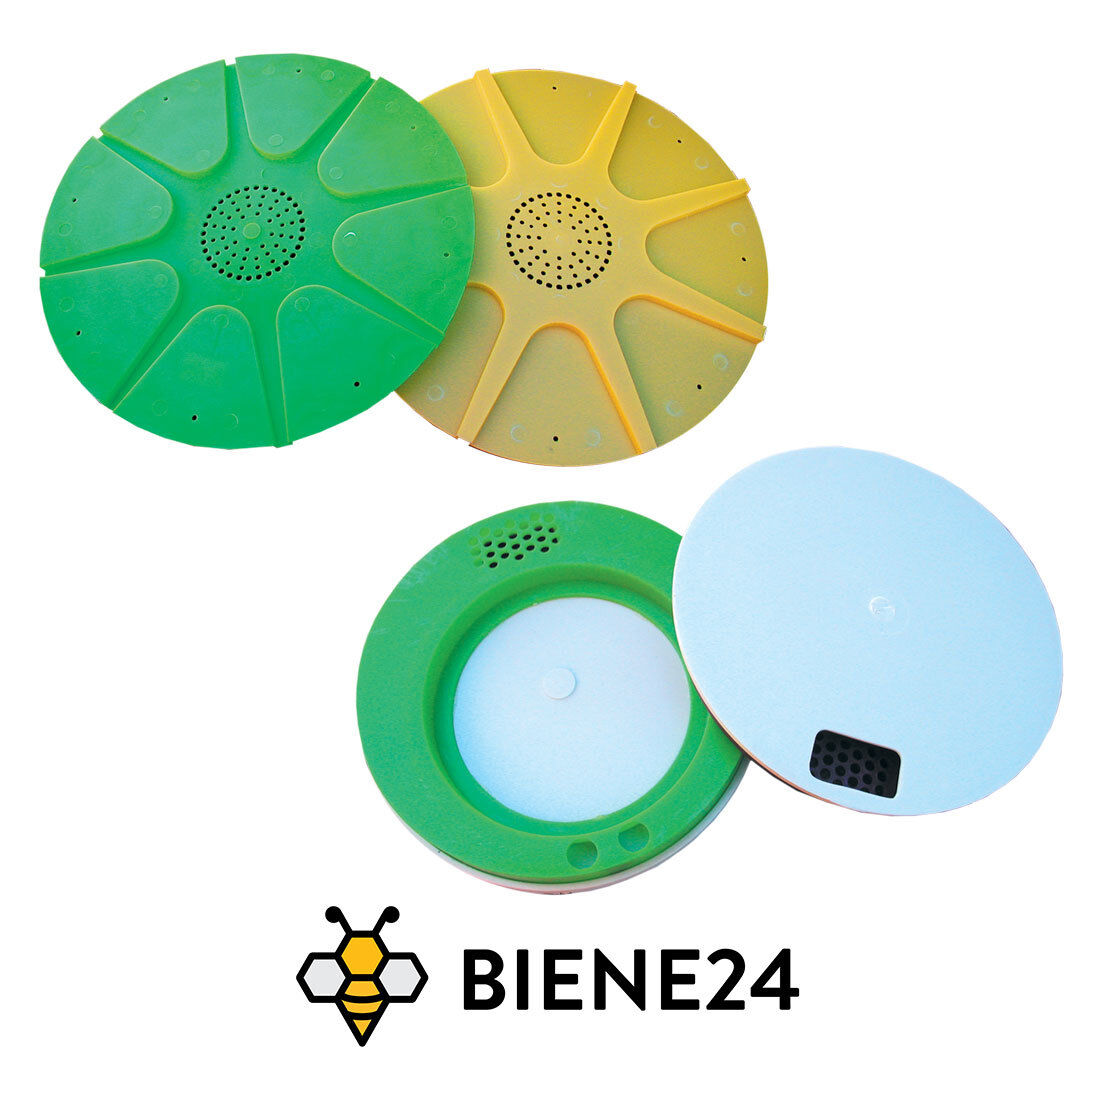 Bienenflucht Imkerei Bienen 8 Kanäle oder 2 Kanäle